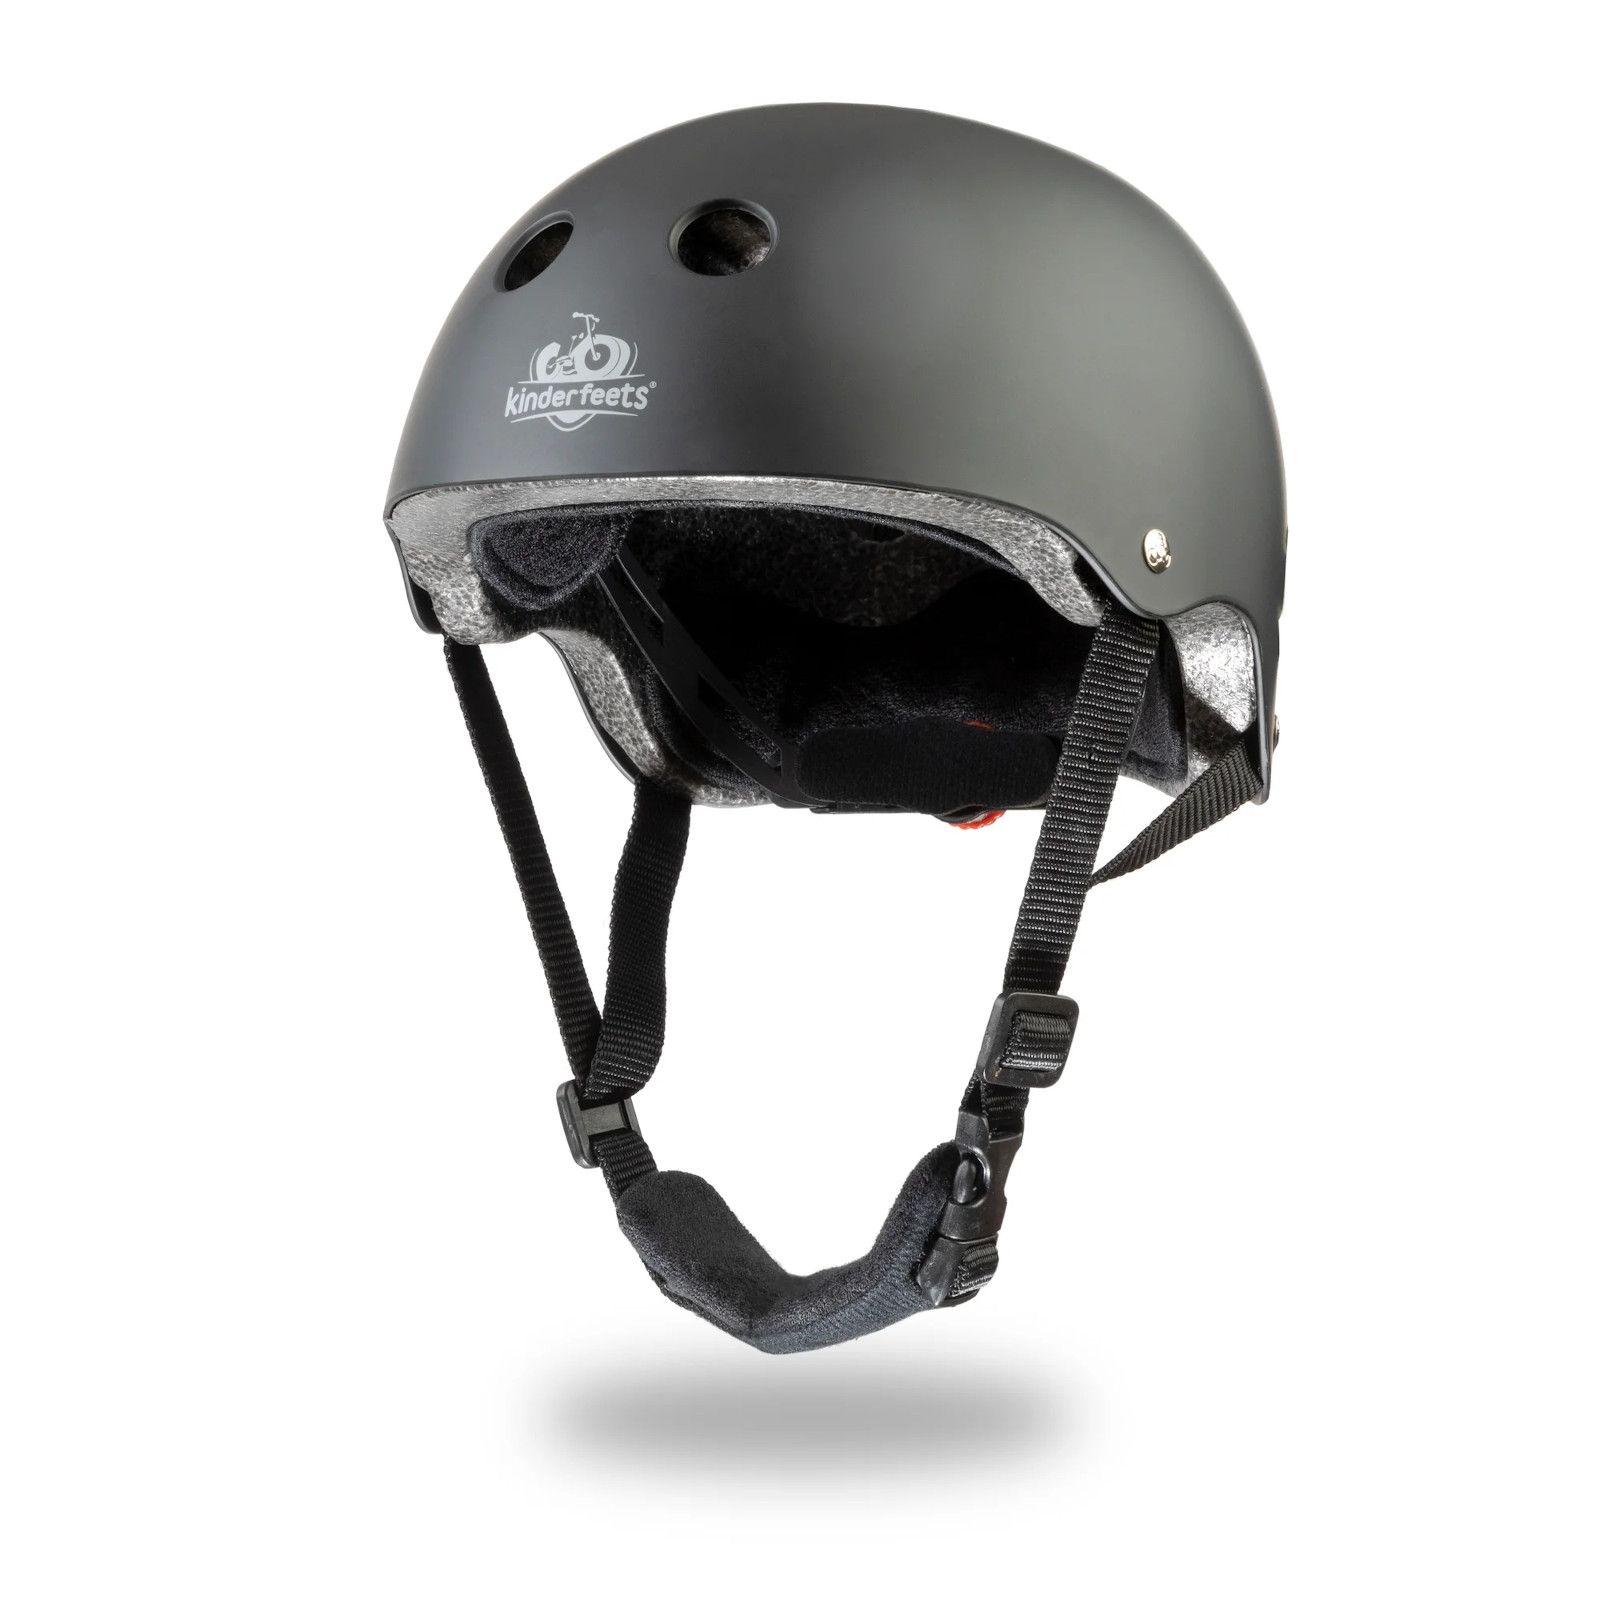 Decija Kaciga Za Bicikl Kindefeets Matte Black Riding Helmets